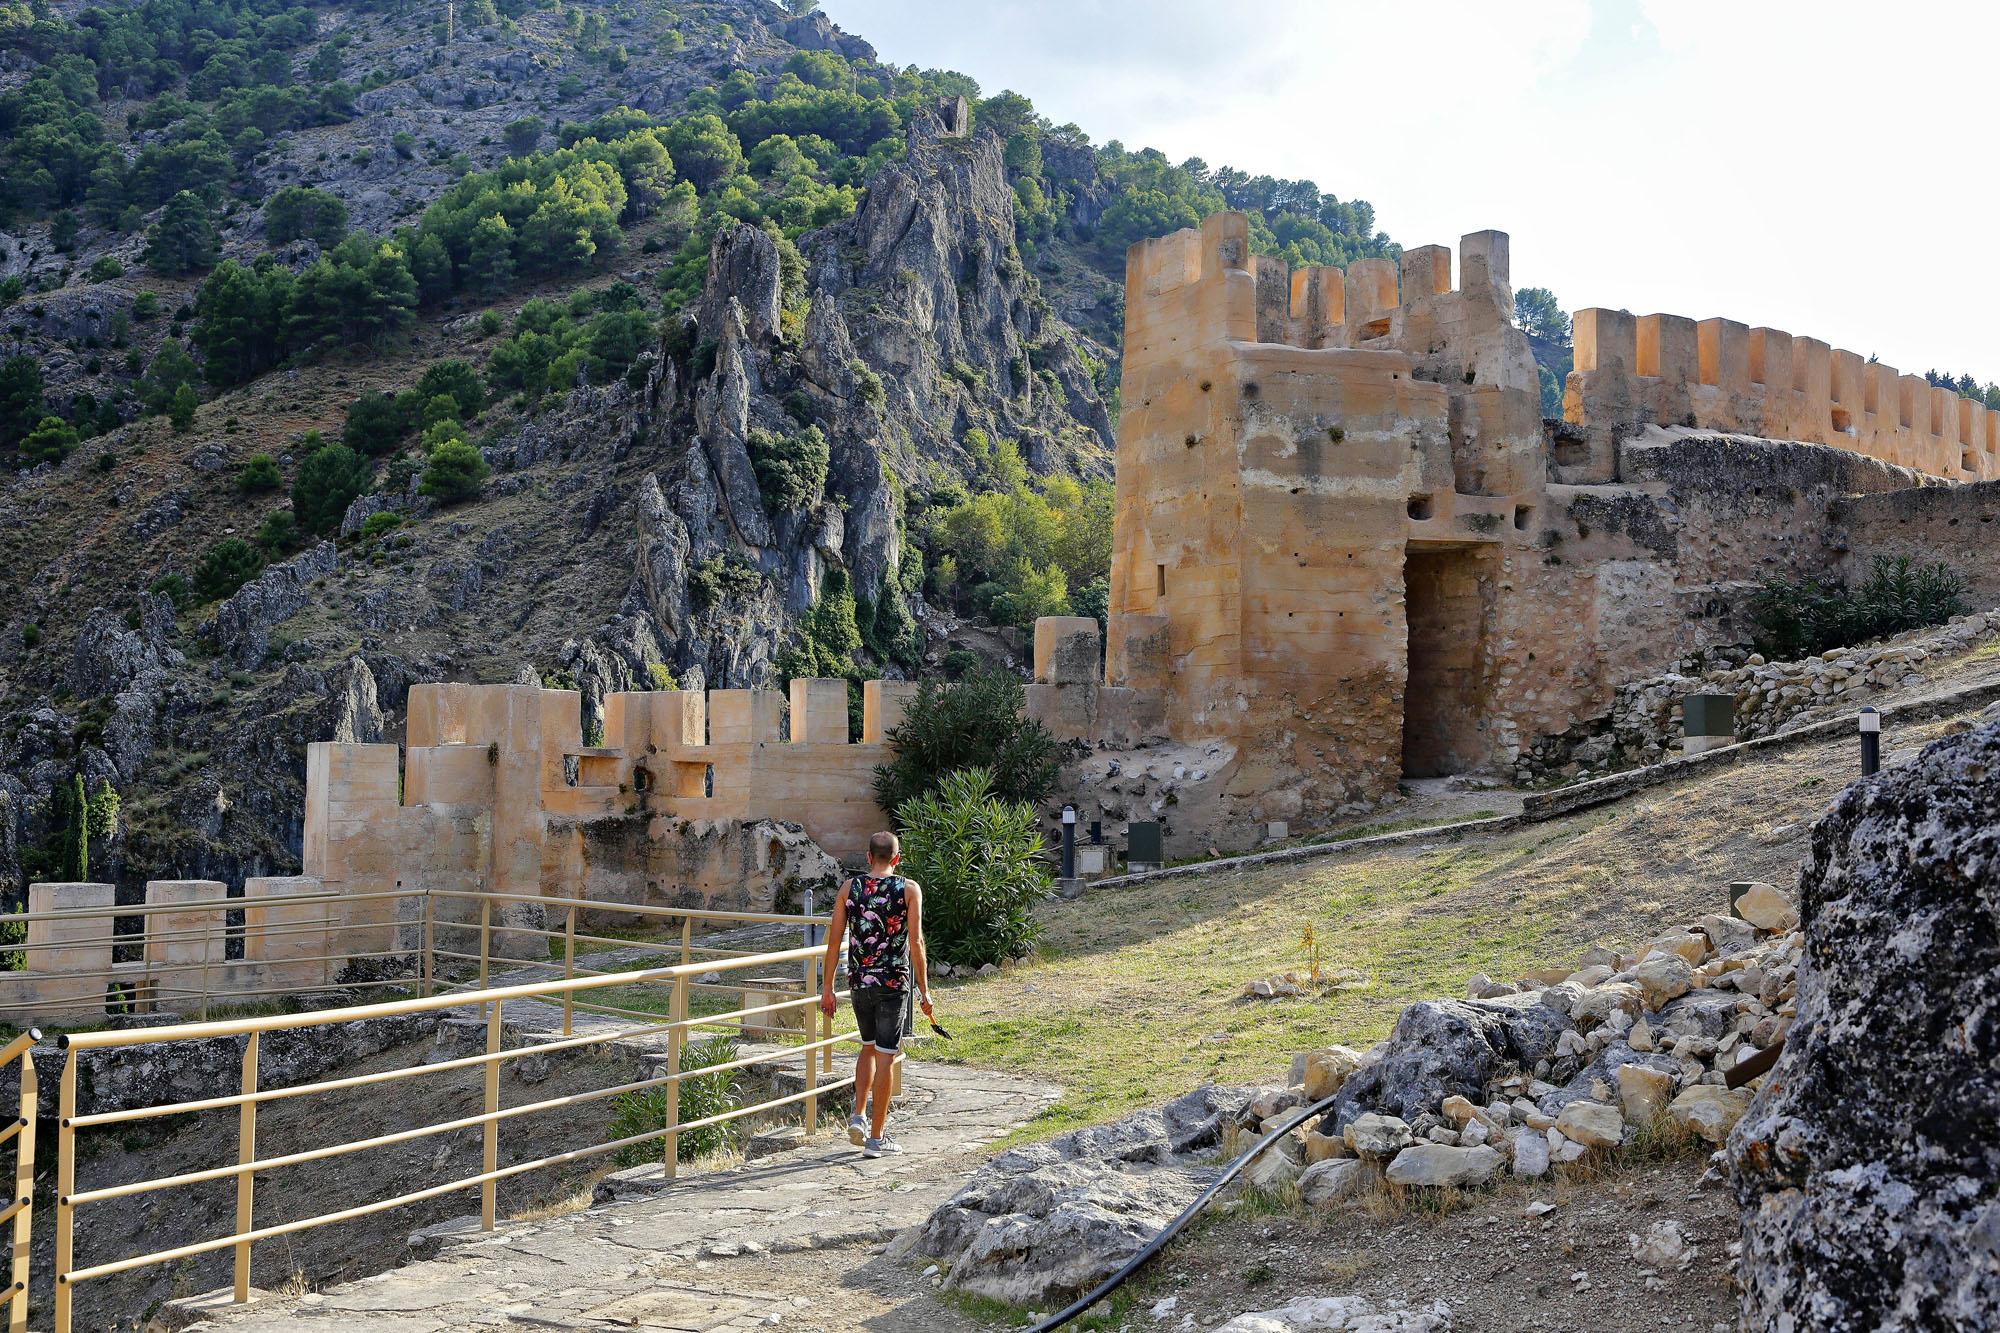 La fortaleza fue durante la Edad Media sede de los caballeros templarios.